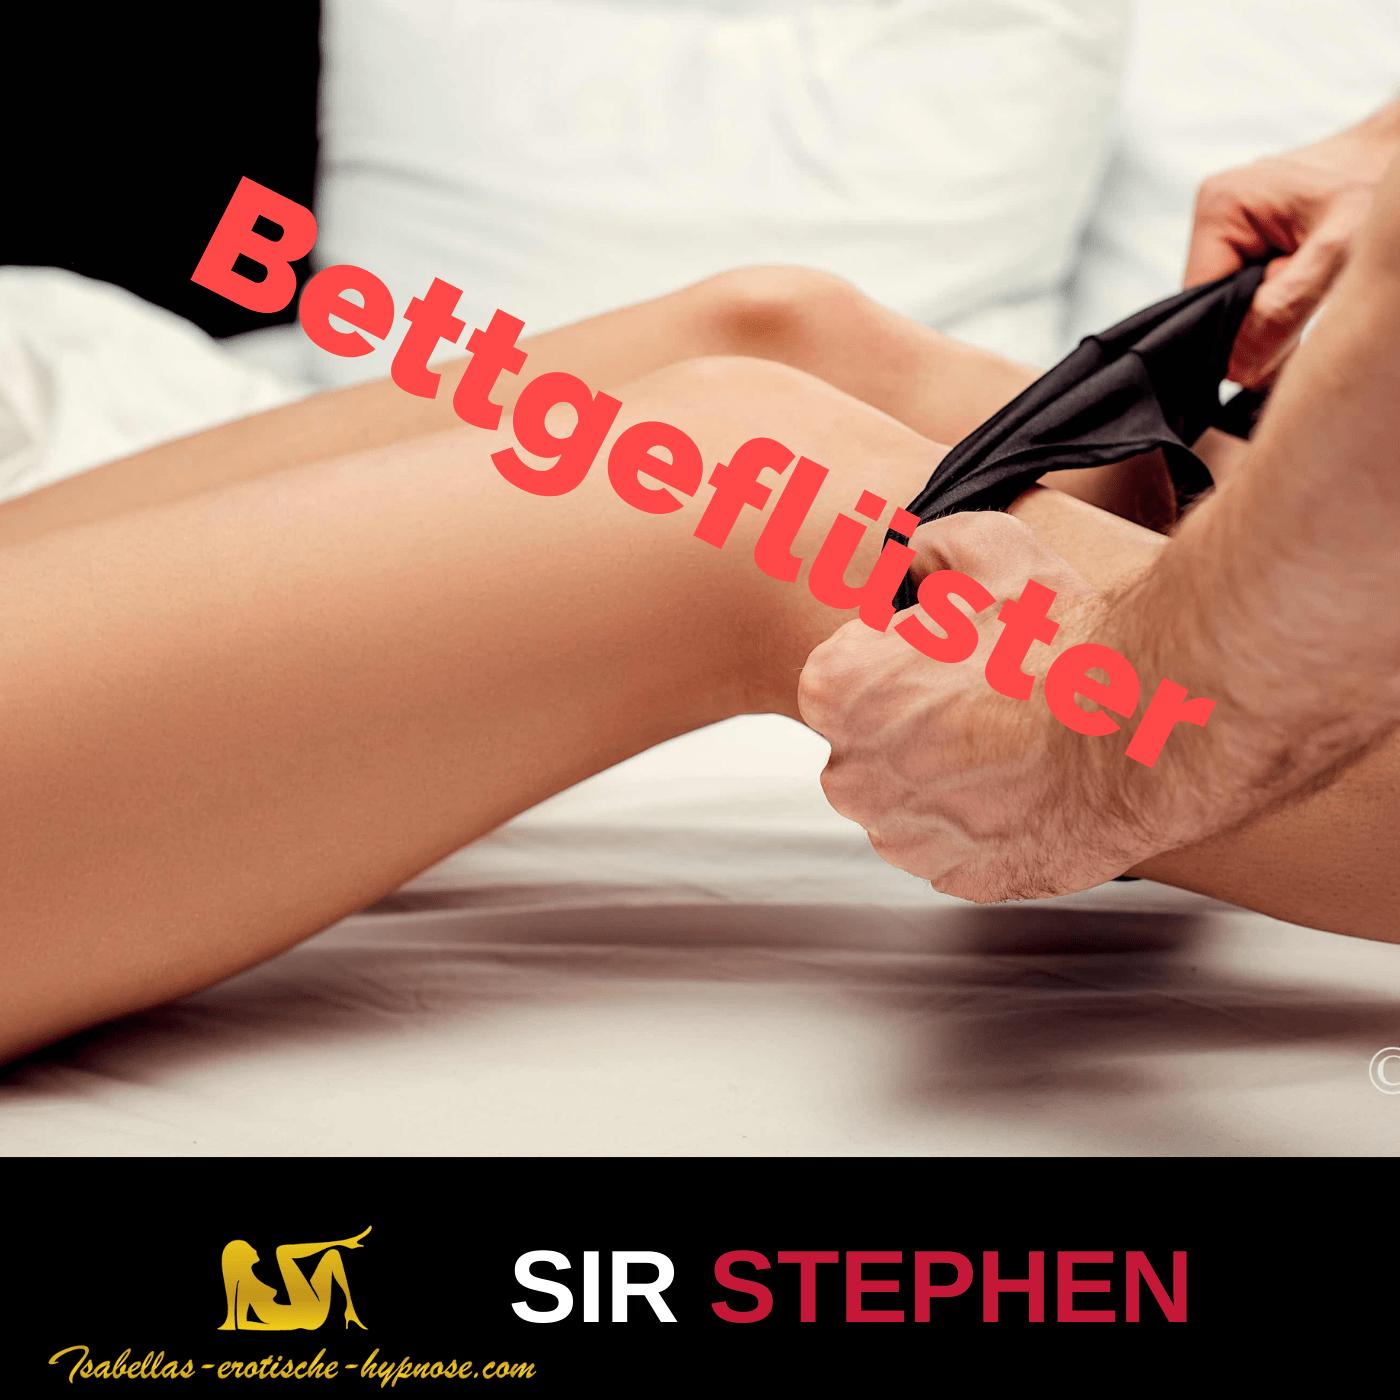 Bettgeflüster mit Sir Stephen Coverbild Mann zieht Frau das Höschen aus